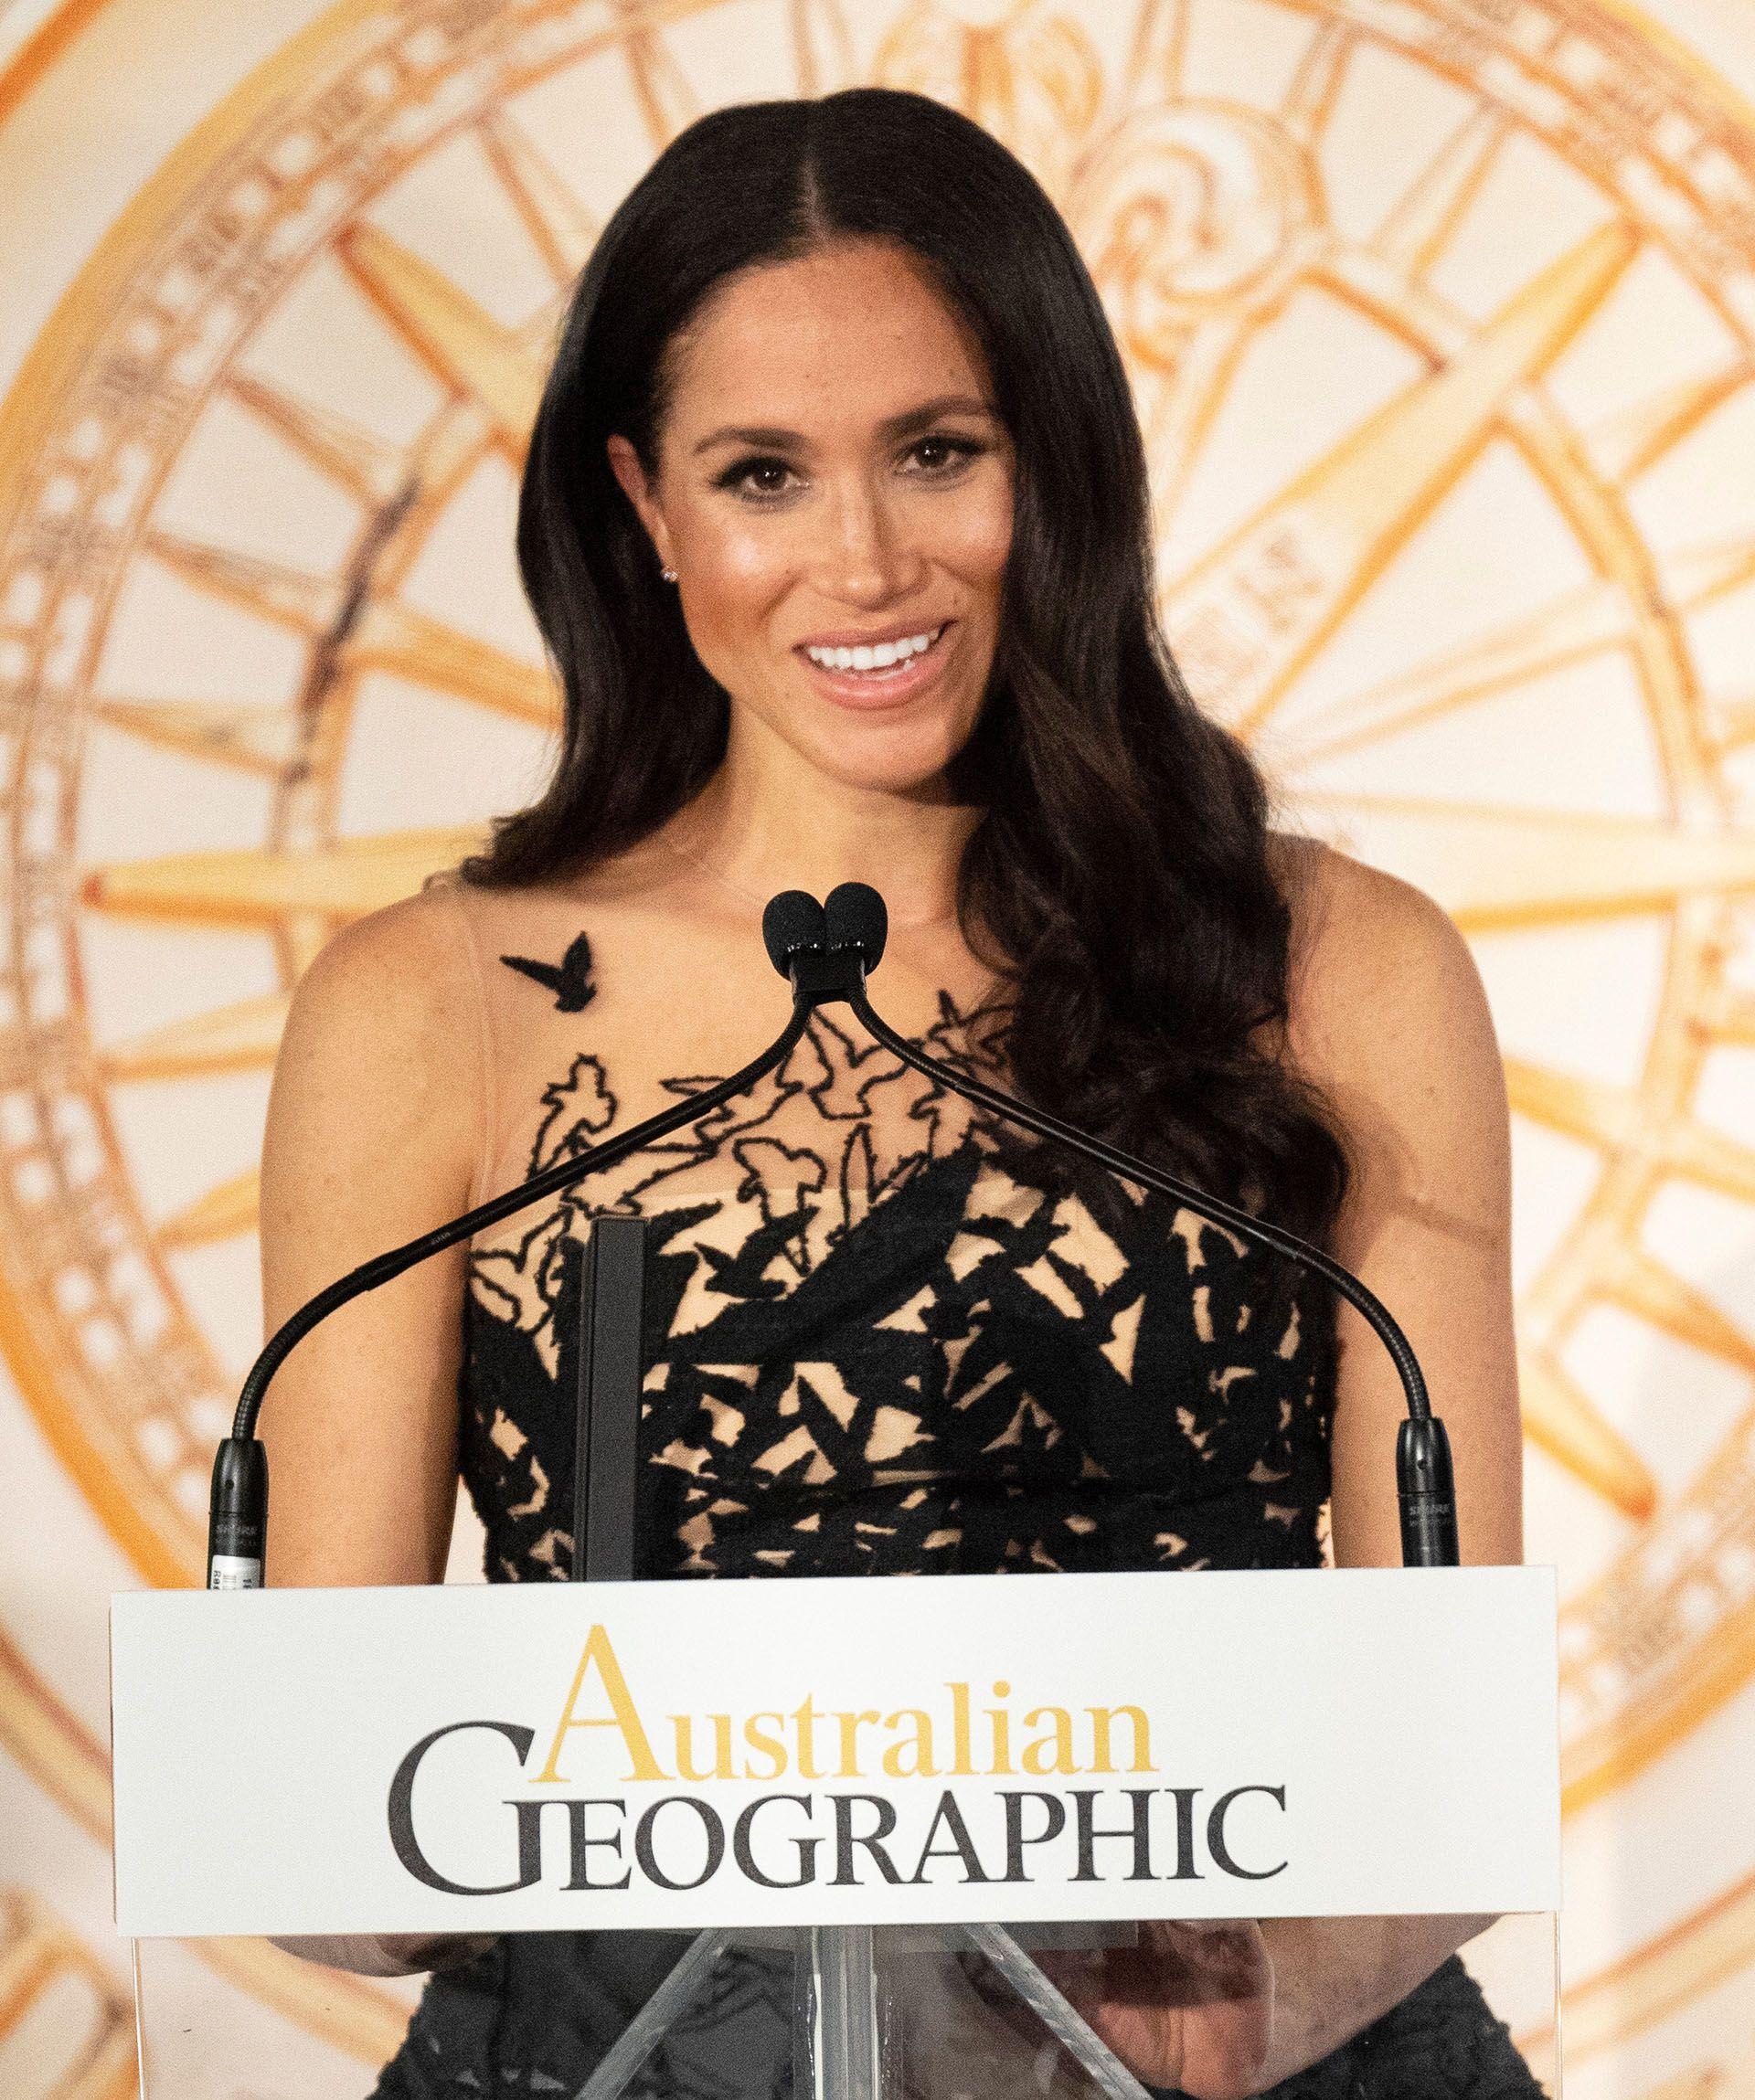 Conun costado social marcado, brindó un discurso durante la premiación, en Sídney, de los Australian Geographic Awards (Paul Edwards / Pool vía Reuters)